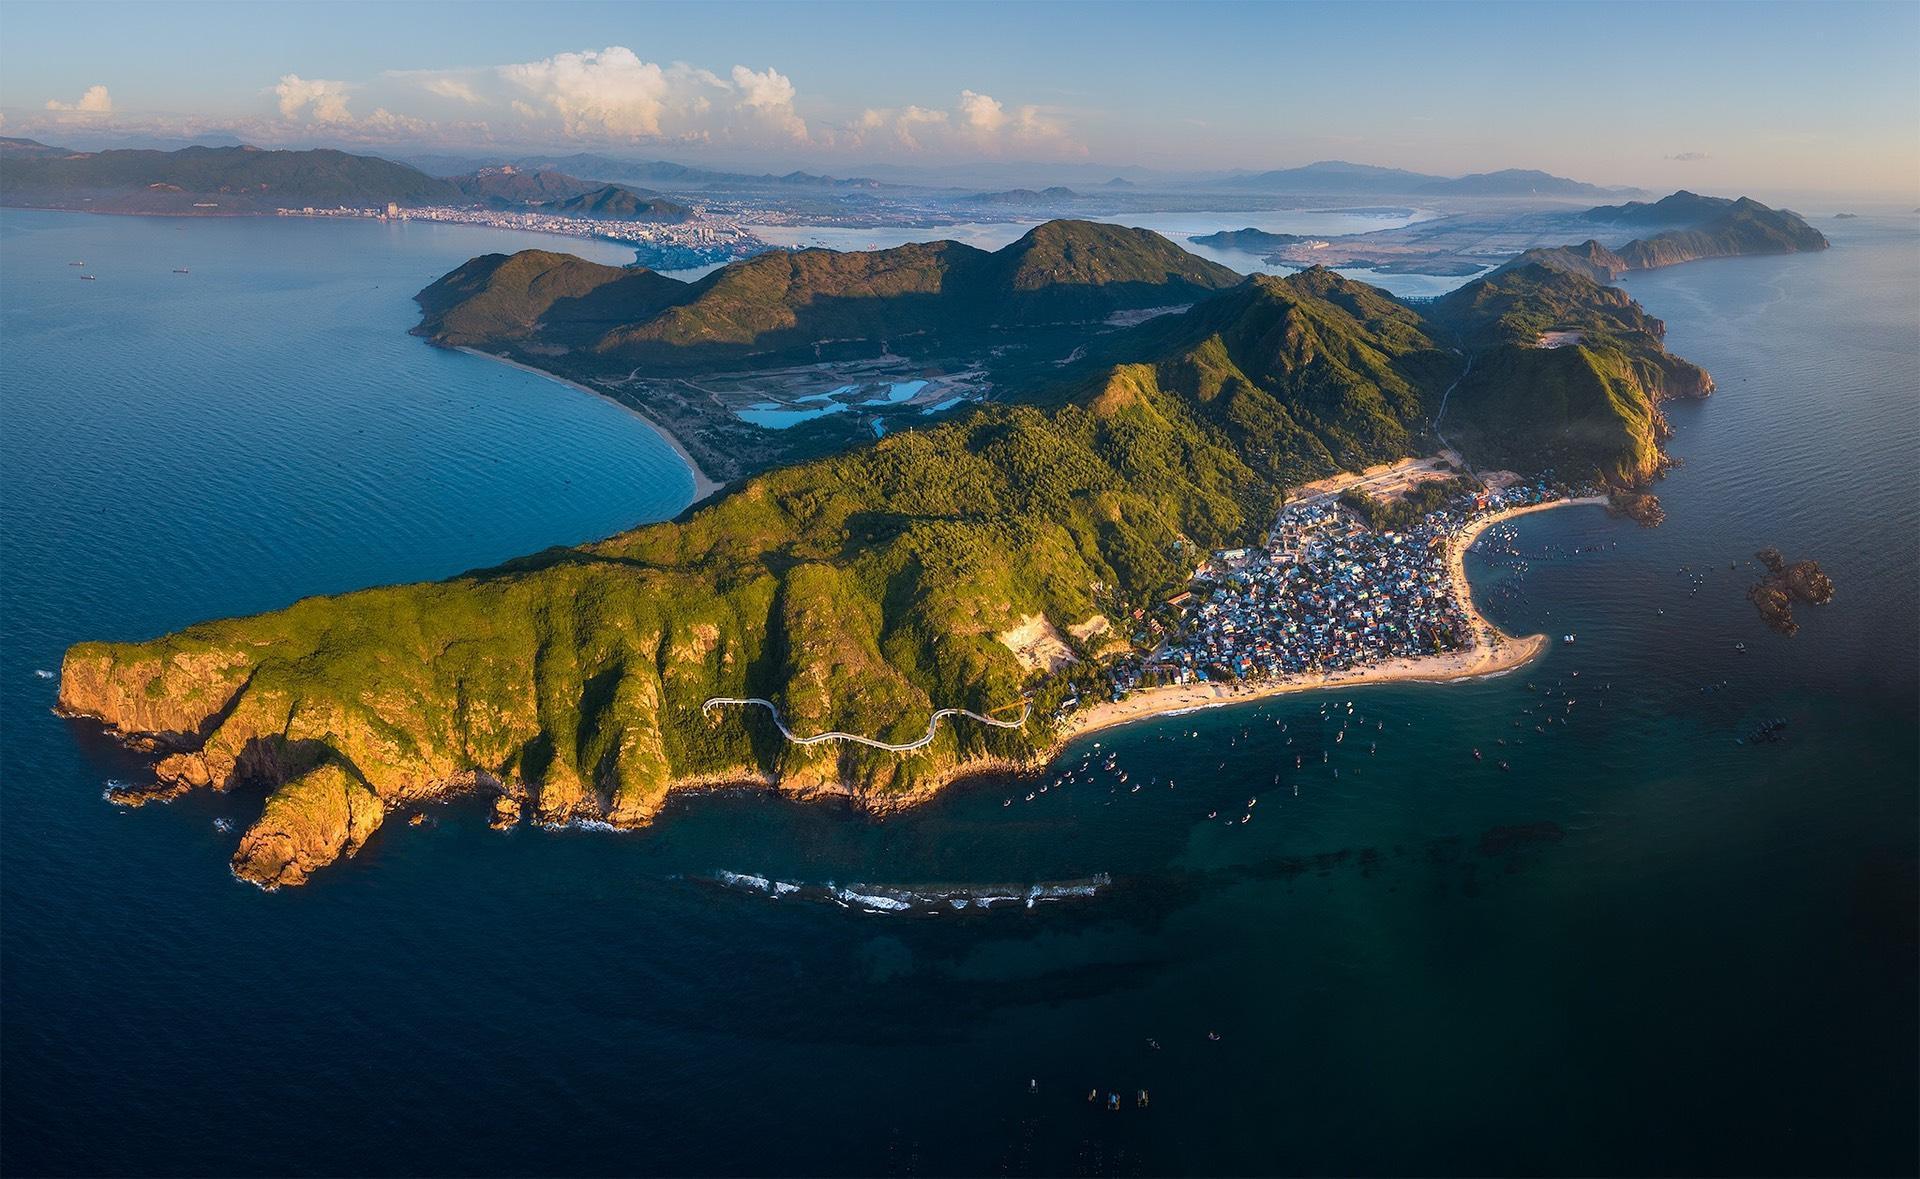 Bình Định - Điểm hẹn du lịch hàng đầu miền Trung